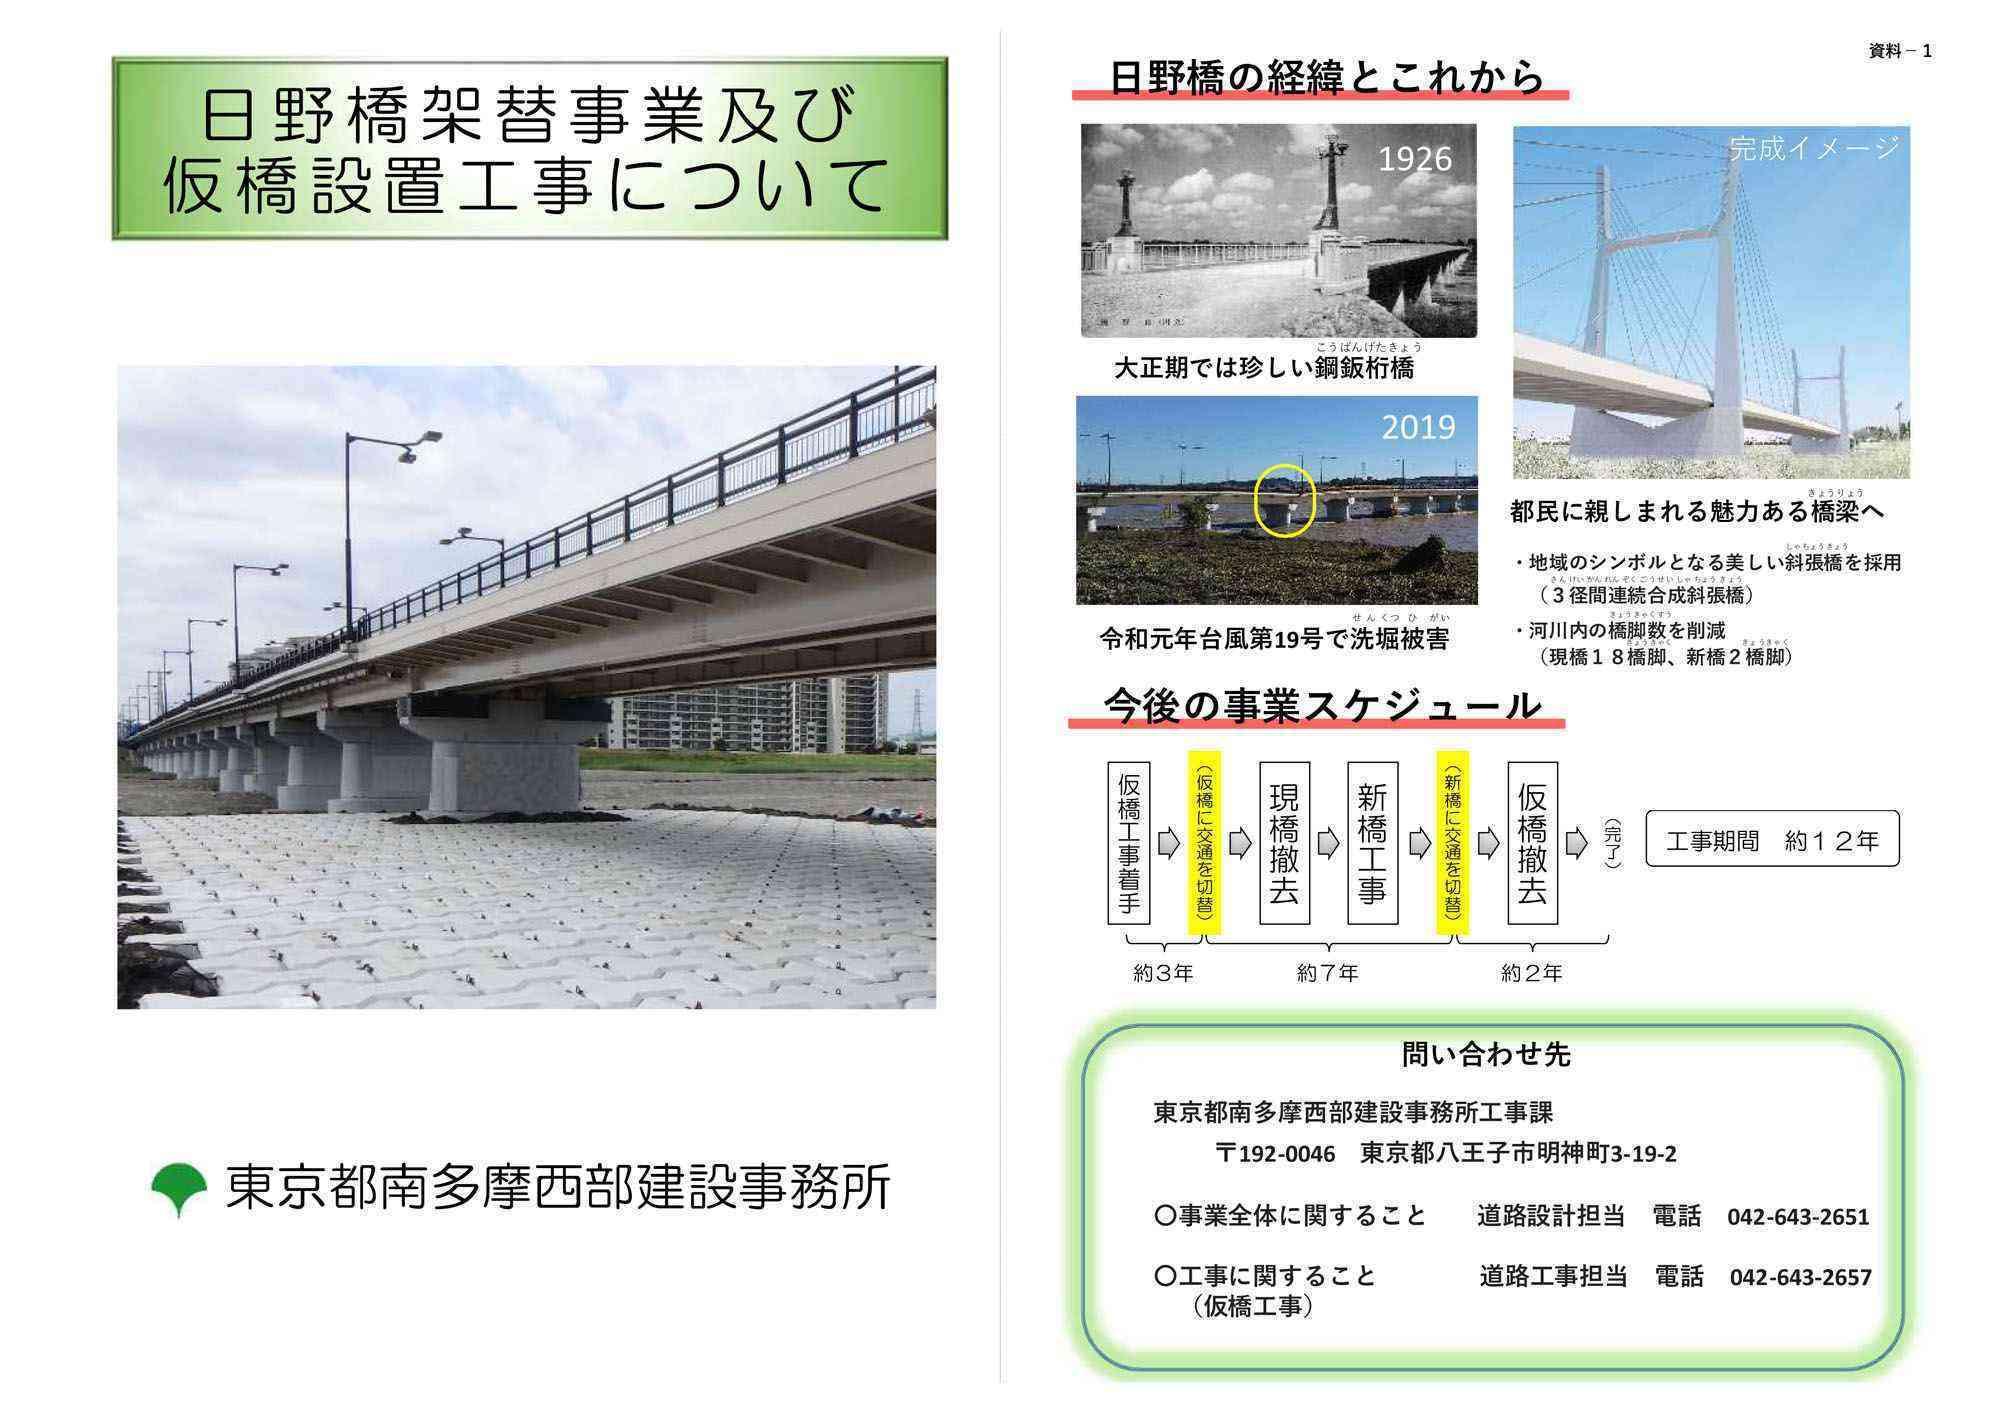 日野橋の架替事業が開始